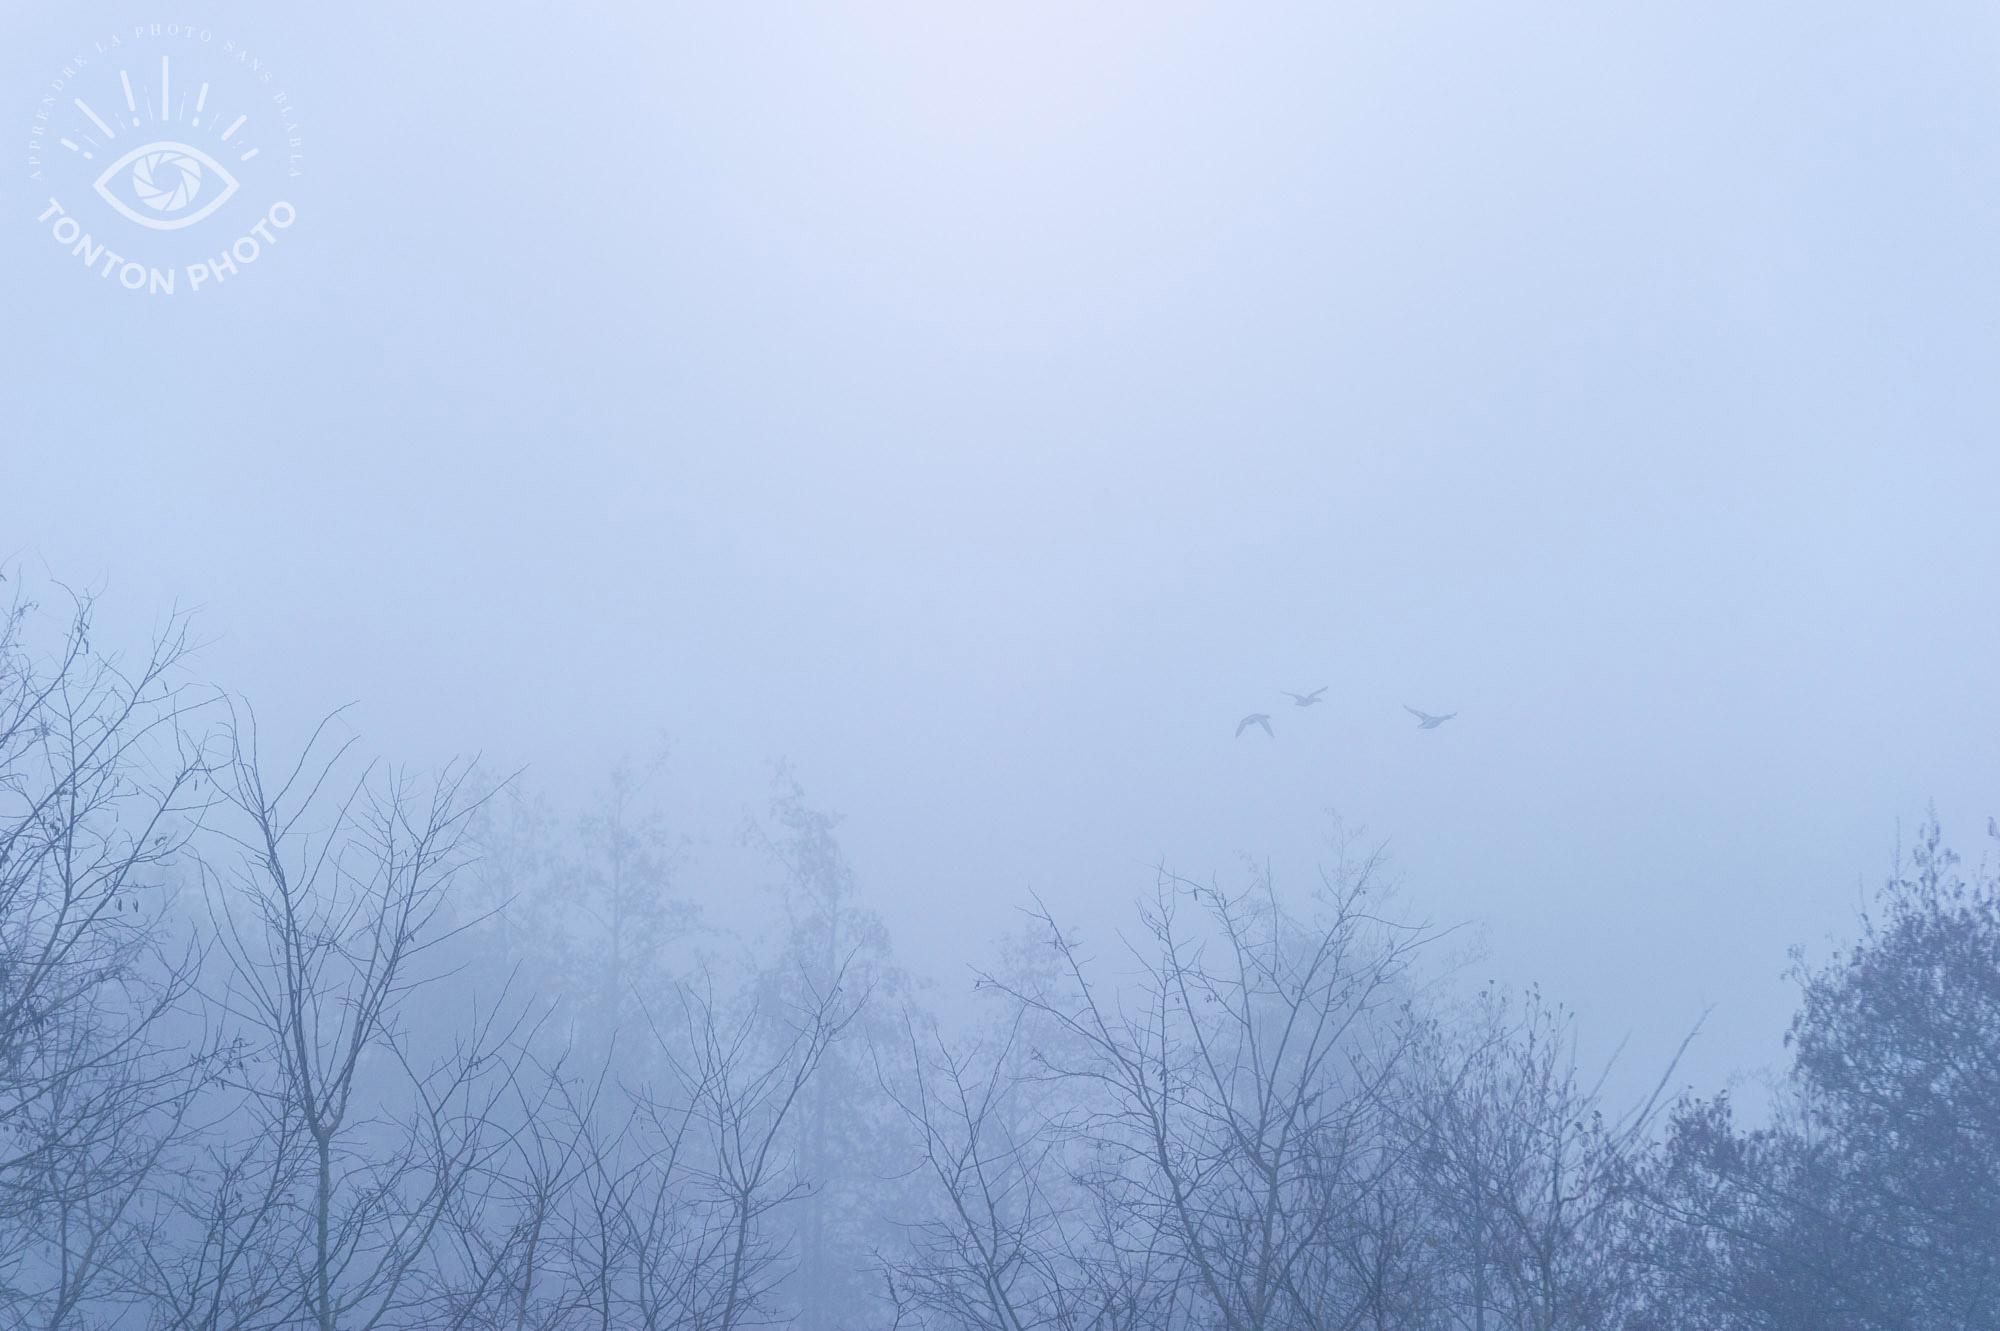 Comment photographier le brouillard ? Vol de canards sauvages © Clément Racineux / Tonton Photo